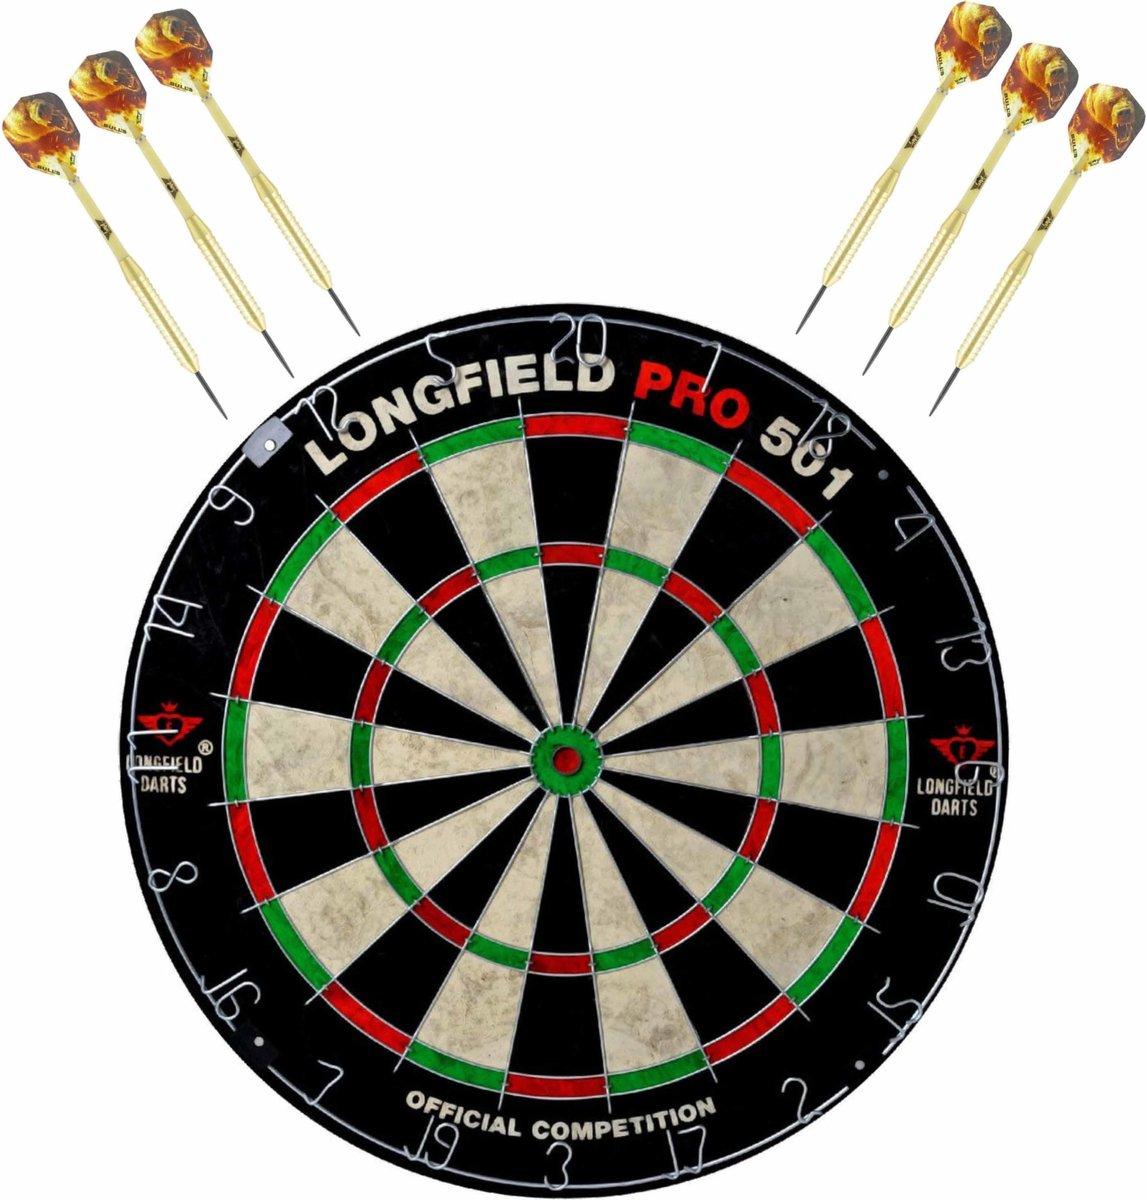 Dartbord set compleet van diameter 45.5 cm met 6x Bulls dartpijlen van 23 gram - Professioneel darten pakket